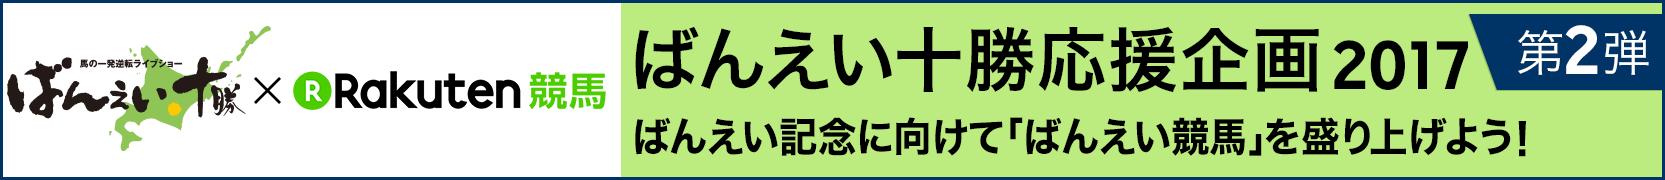 ばんえい十勝応援企画2017第2弾